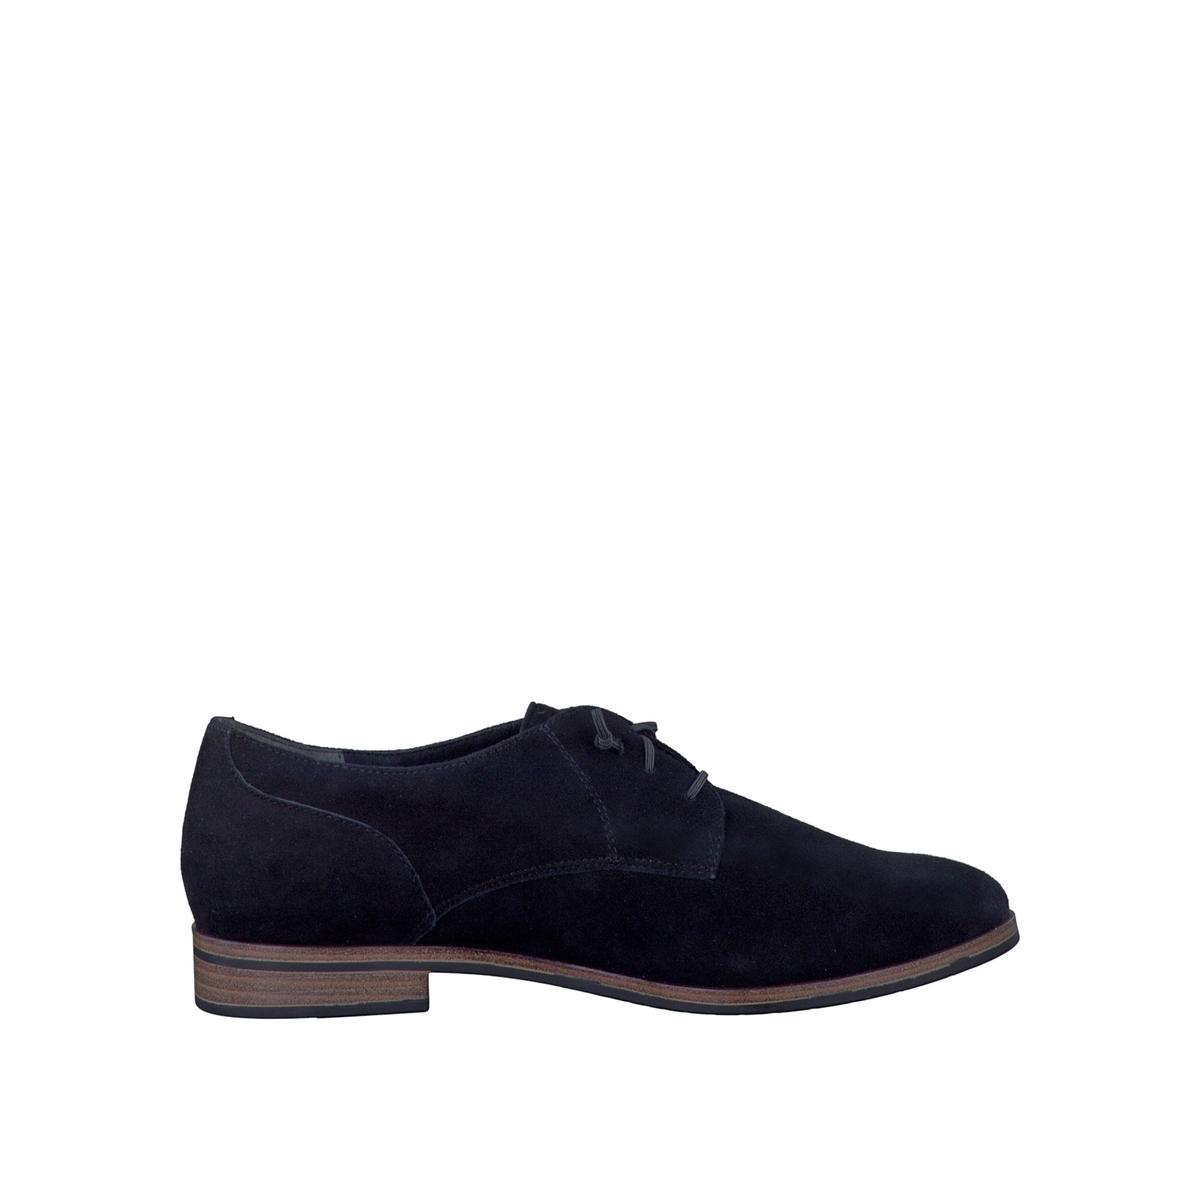 Ботинки-дерби кожаные 23204-28